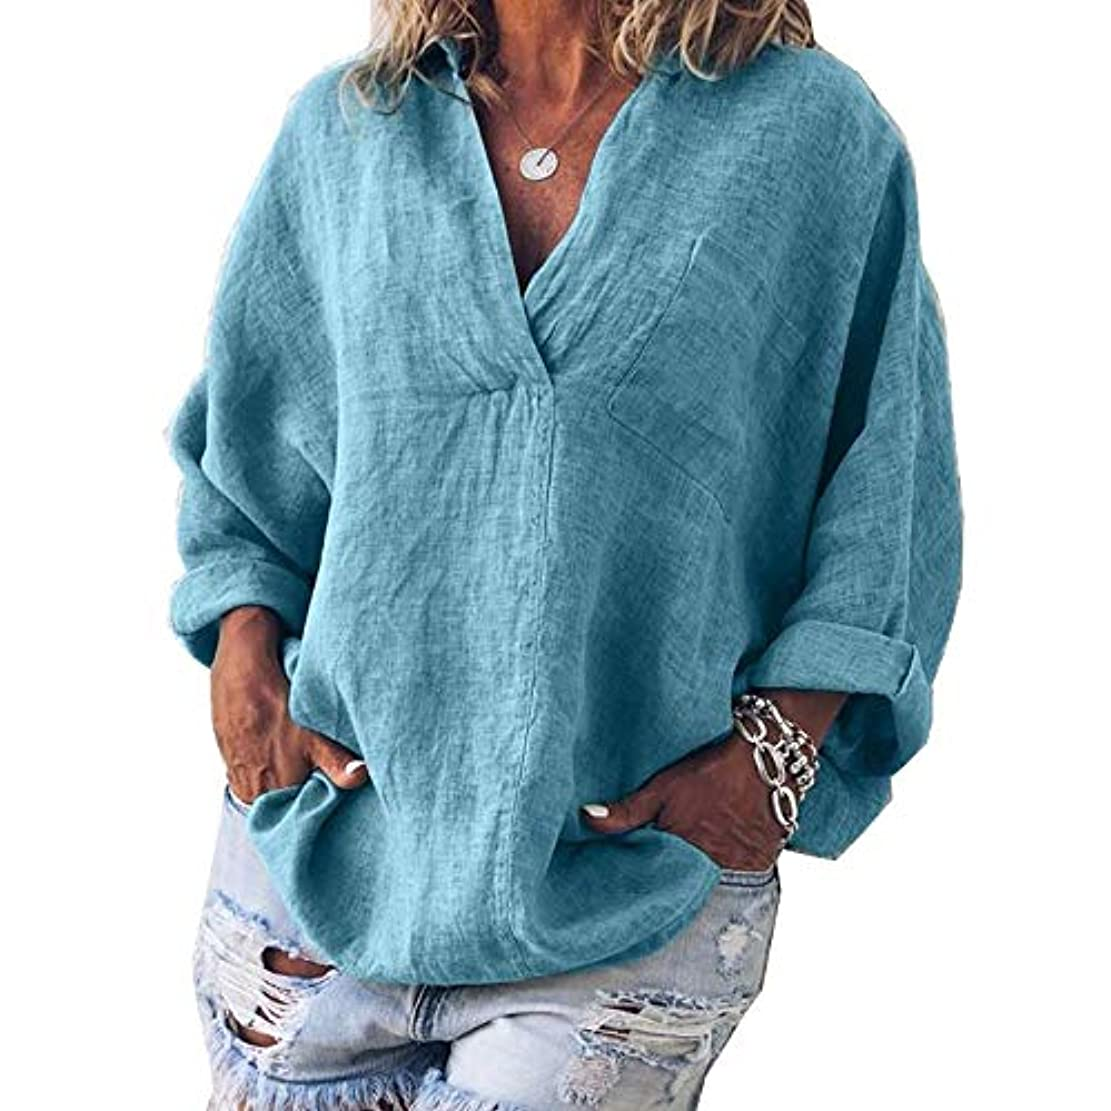 創傷記述する平野MIFAN女性ファッション春夏チュニックトップス深いVネックTシャツ長袖プルオーバールーズリネンブラウス